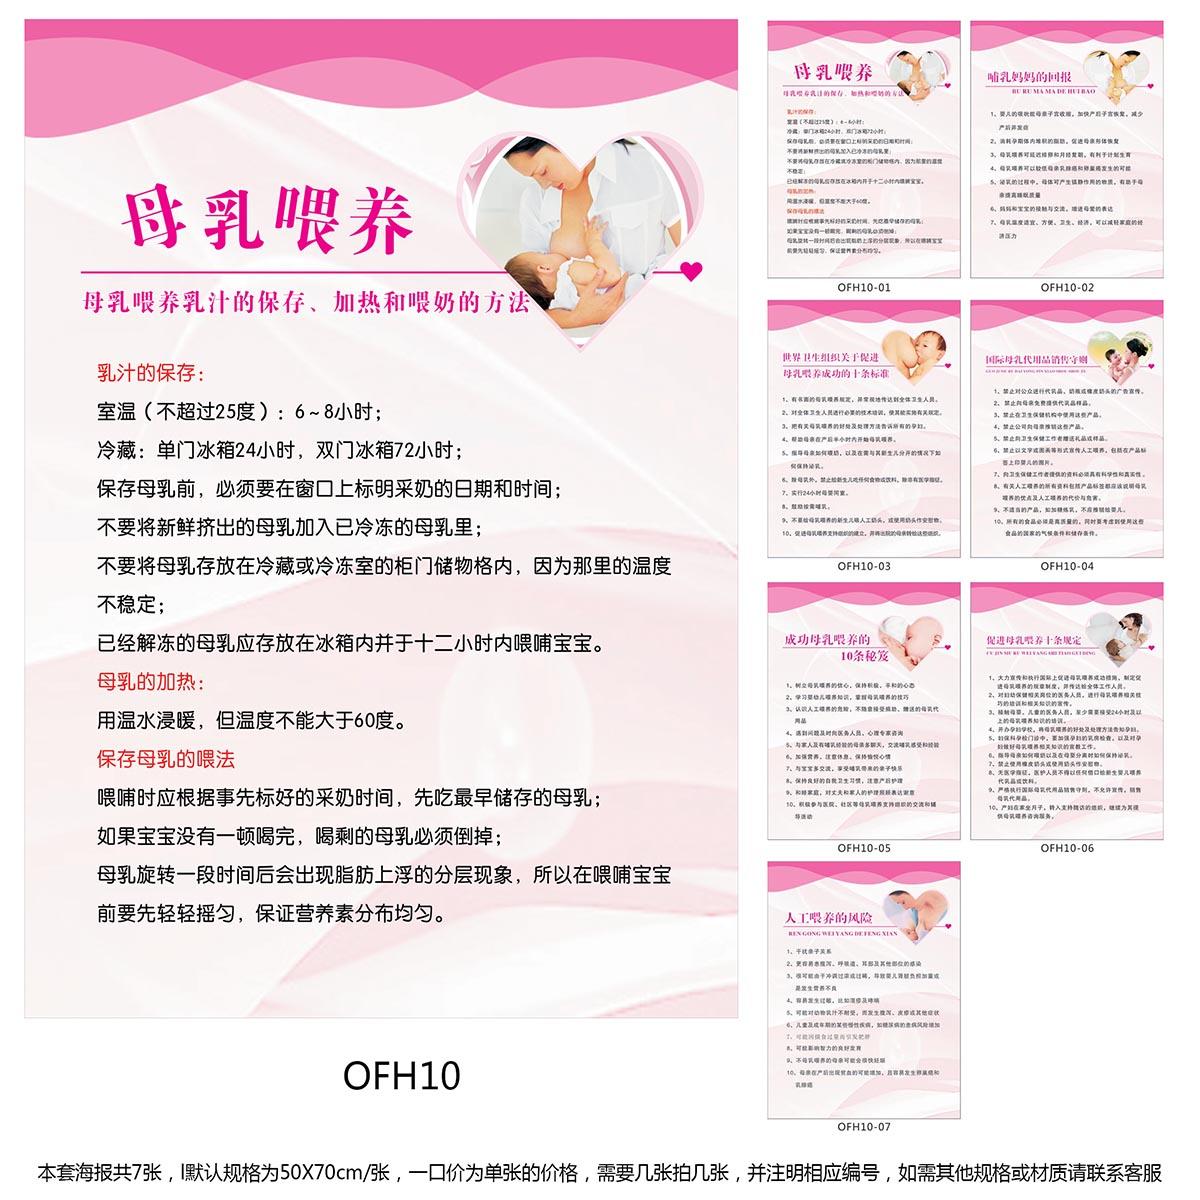 计划生育宣传海报/母乳喂养挂图/母乳知识方法宣传画/贴画OFH10